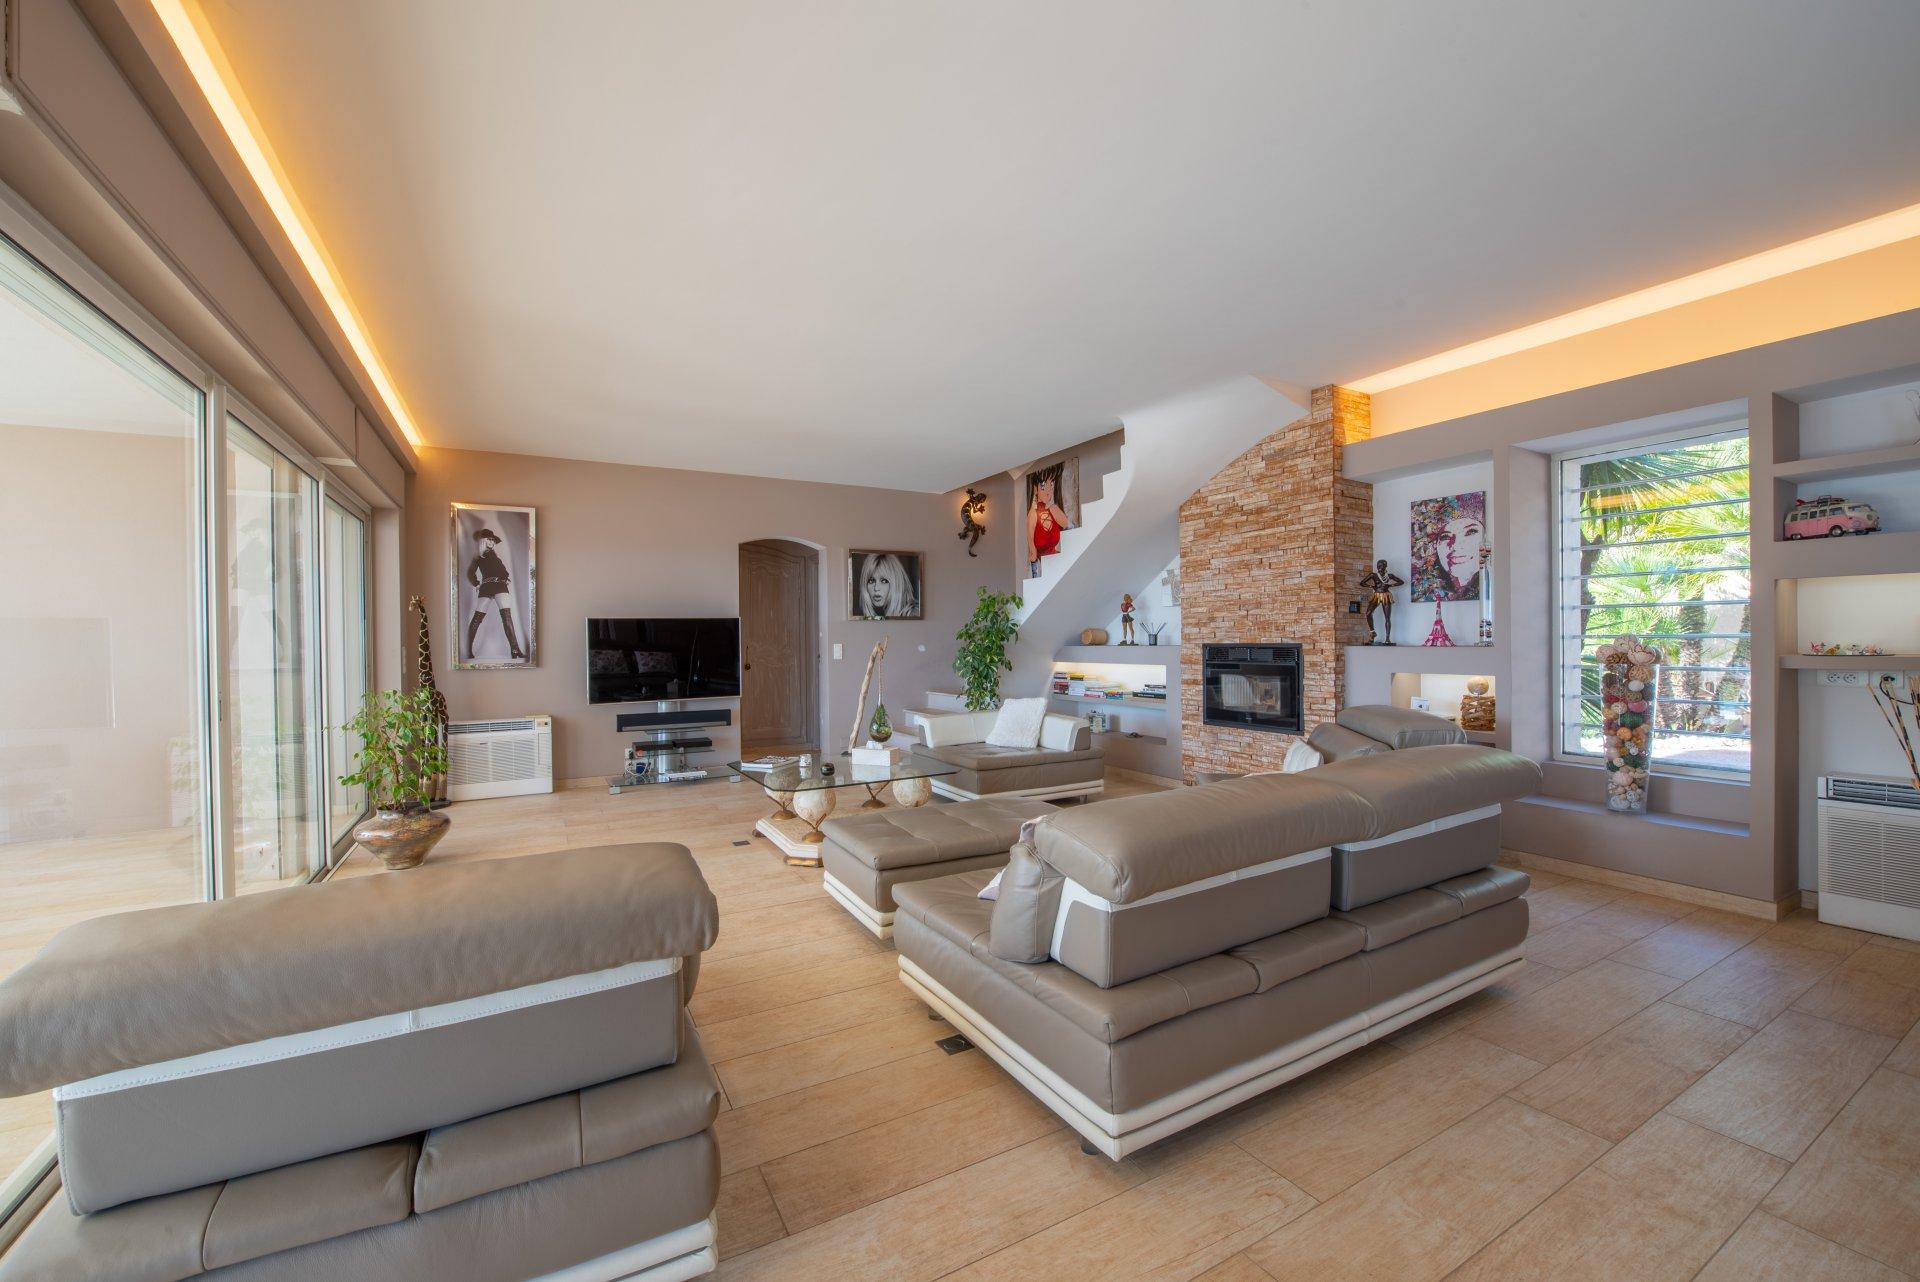 Verkoop Villa - Sainte-Maxime